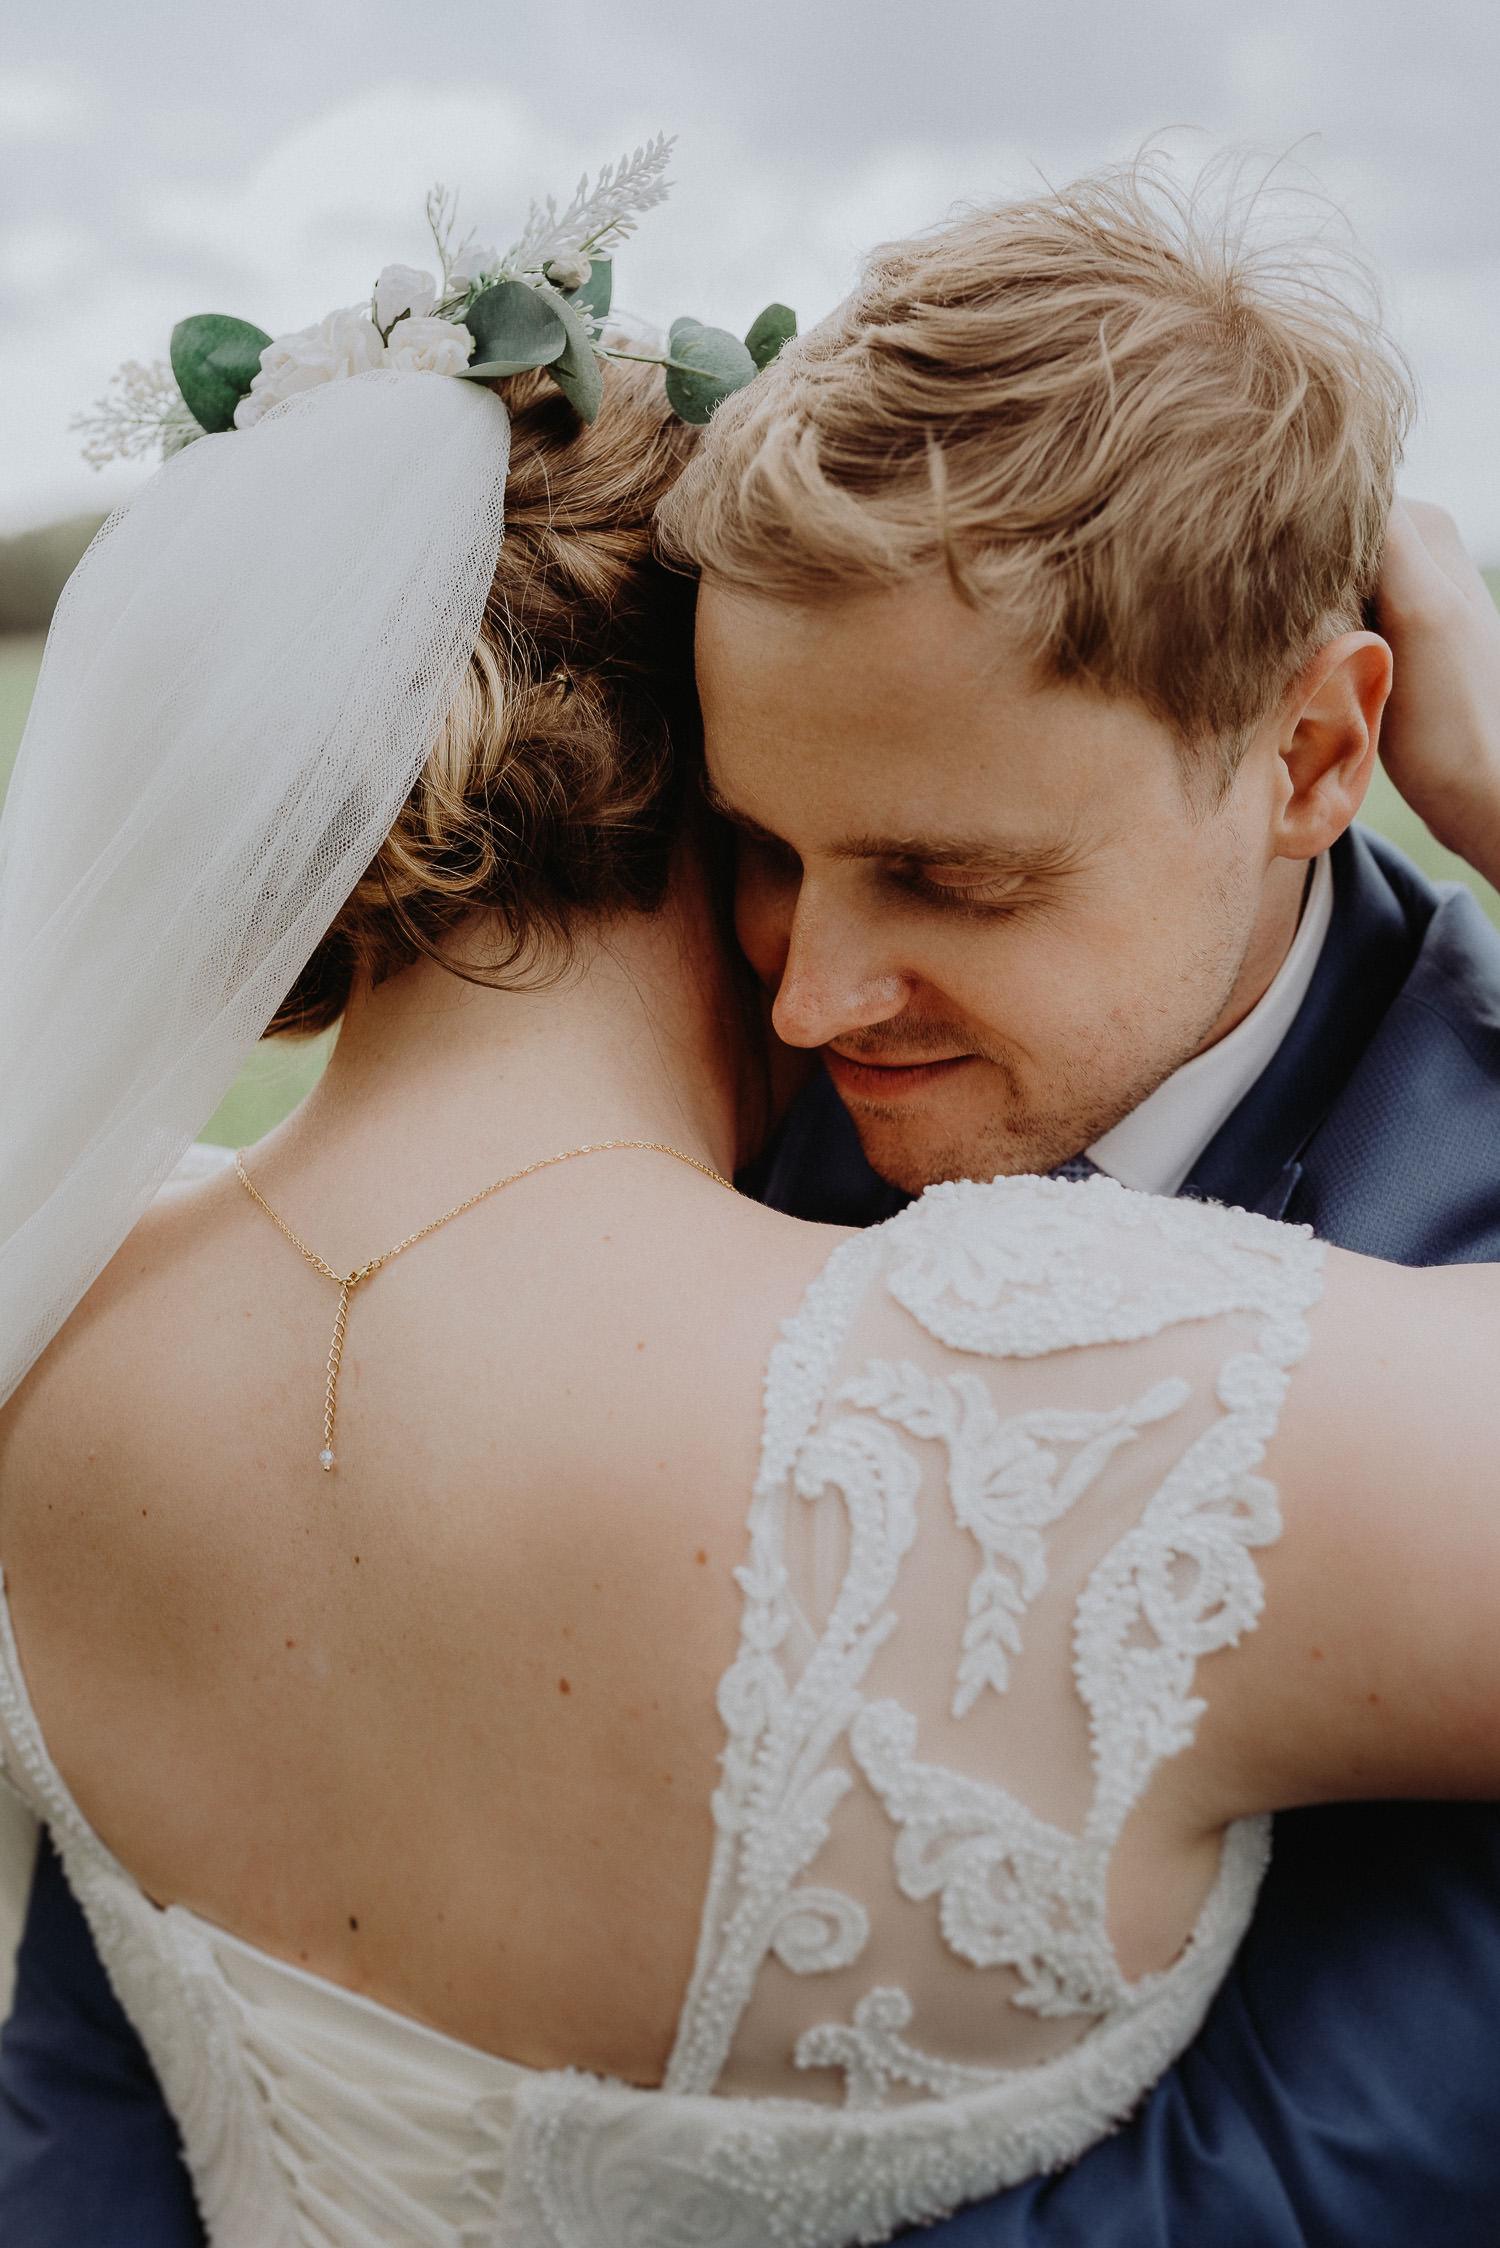 Scheunen-Hochzeit-Alte-Schmiede-Niemegk-by-Steven-Schwanz-75